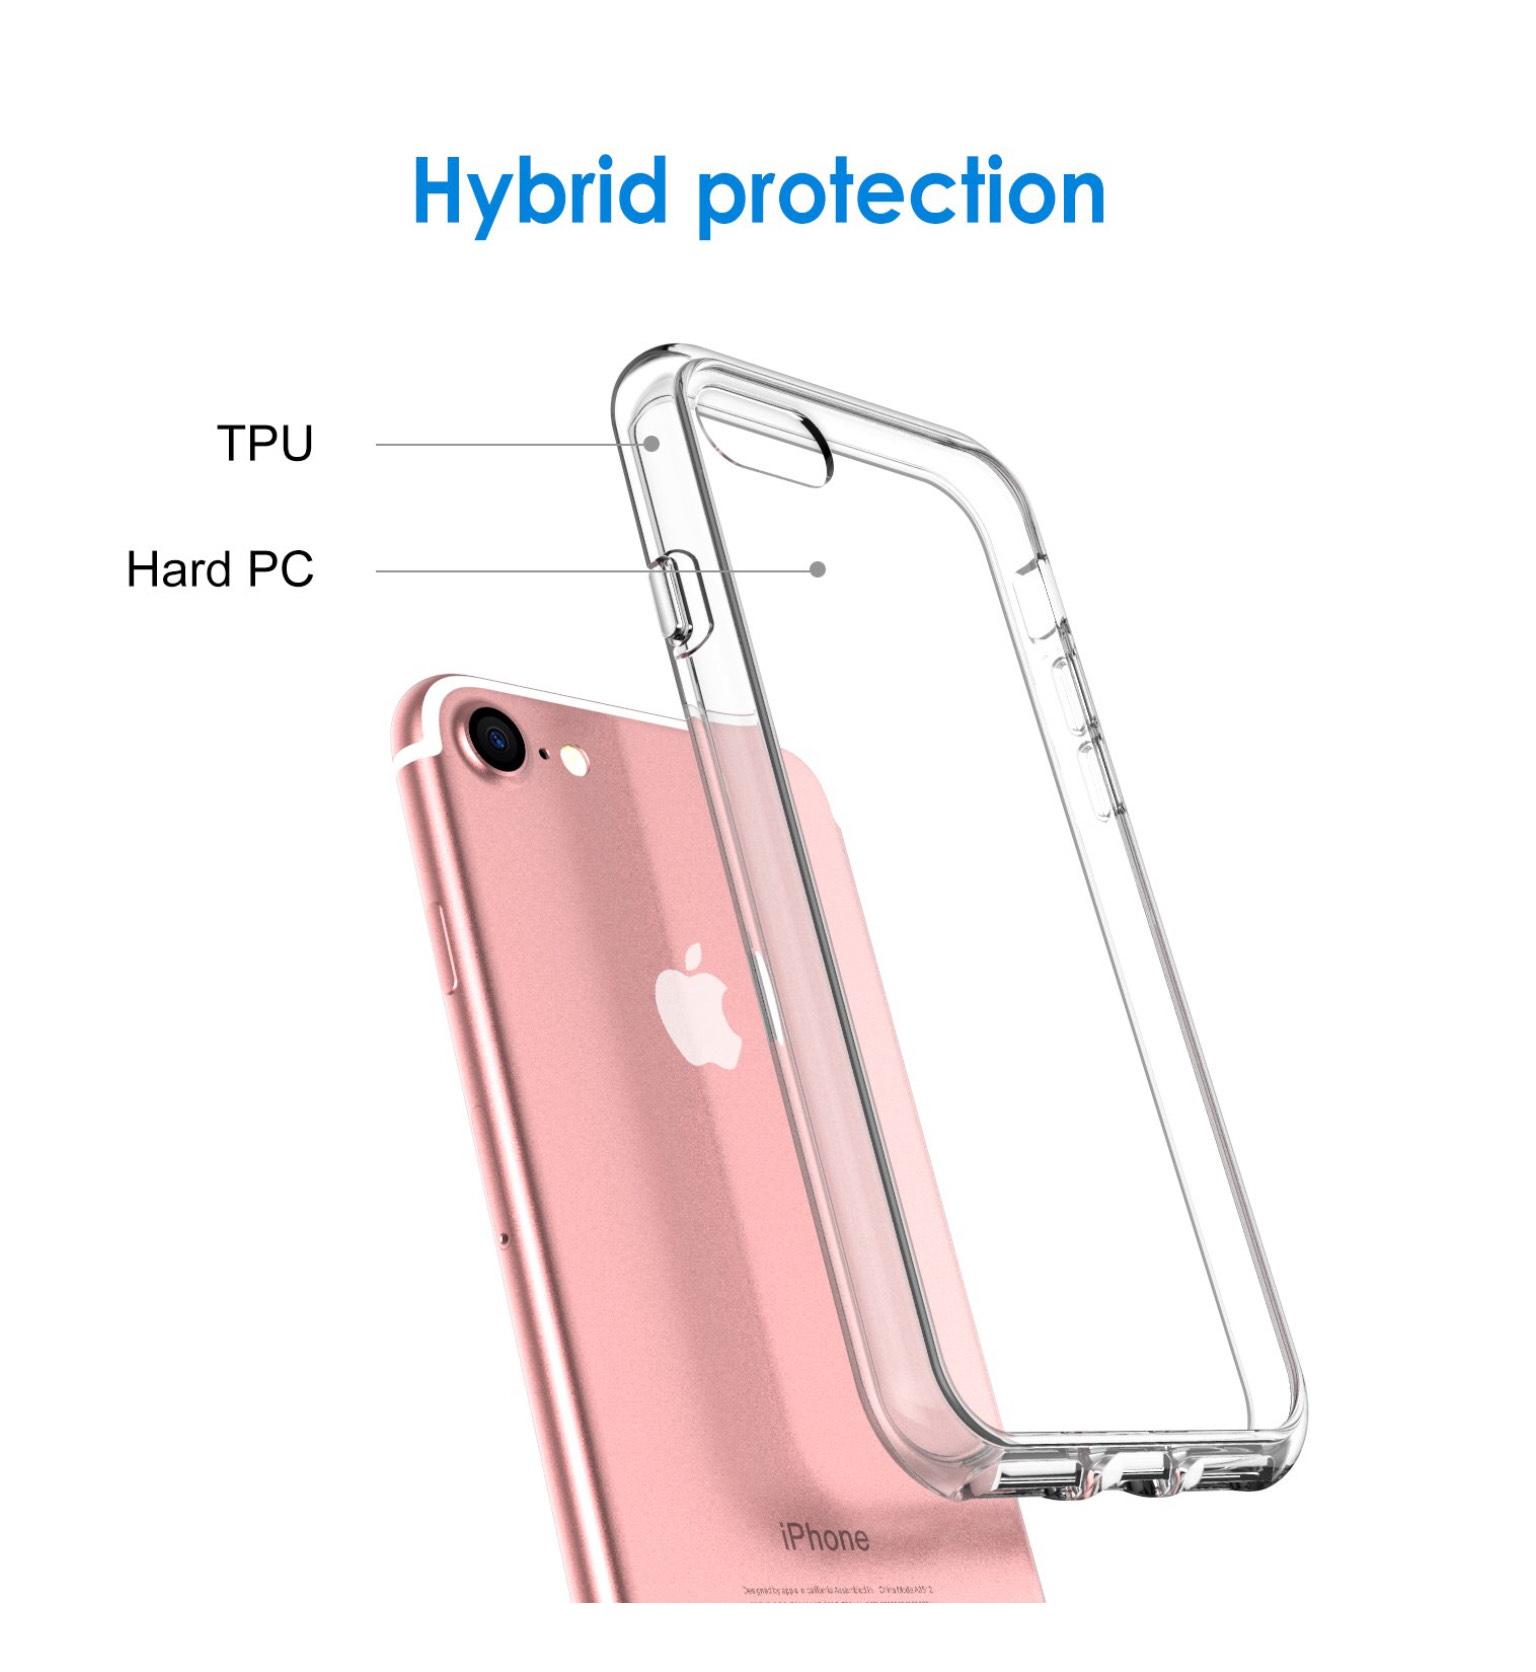 JETech Hülle Kompatibel Apple iPhone SE 2020, iPhone 8 und iPhone 7, Schutzhülle mit Anti-kratzt Transparente und Rückseite, HD Klar